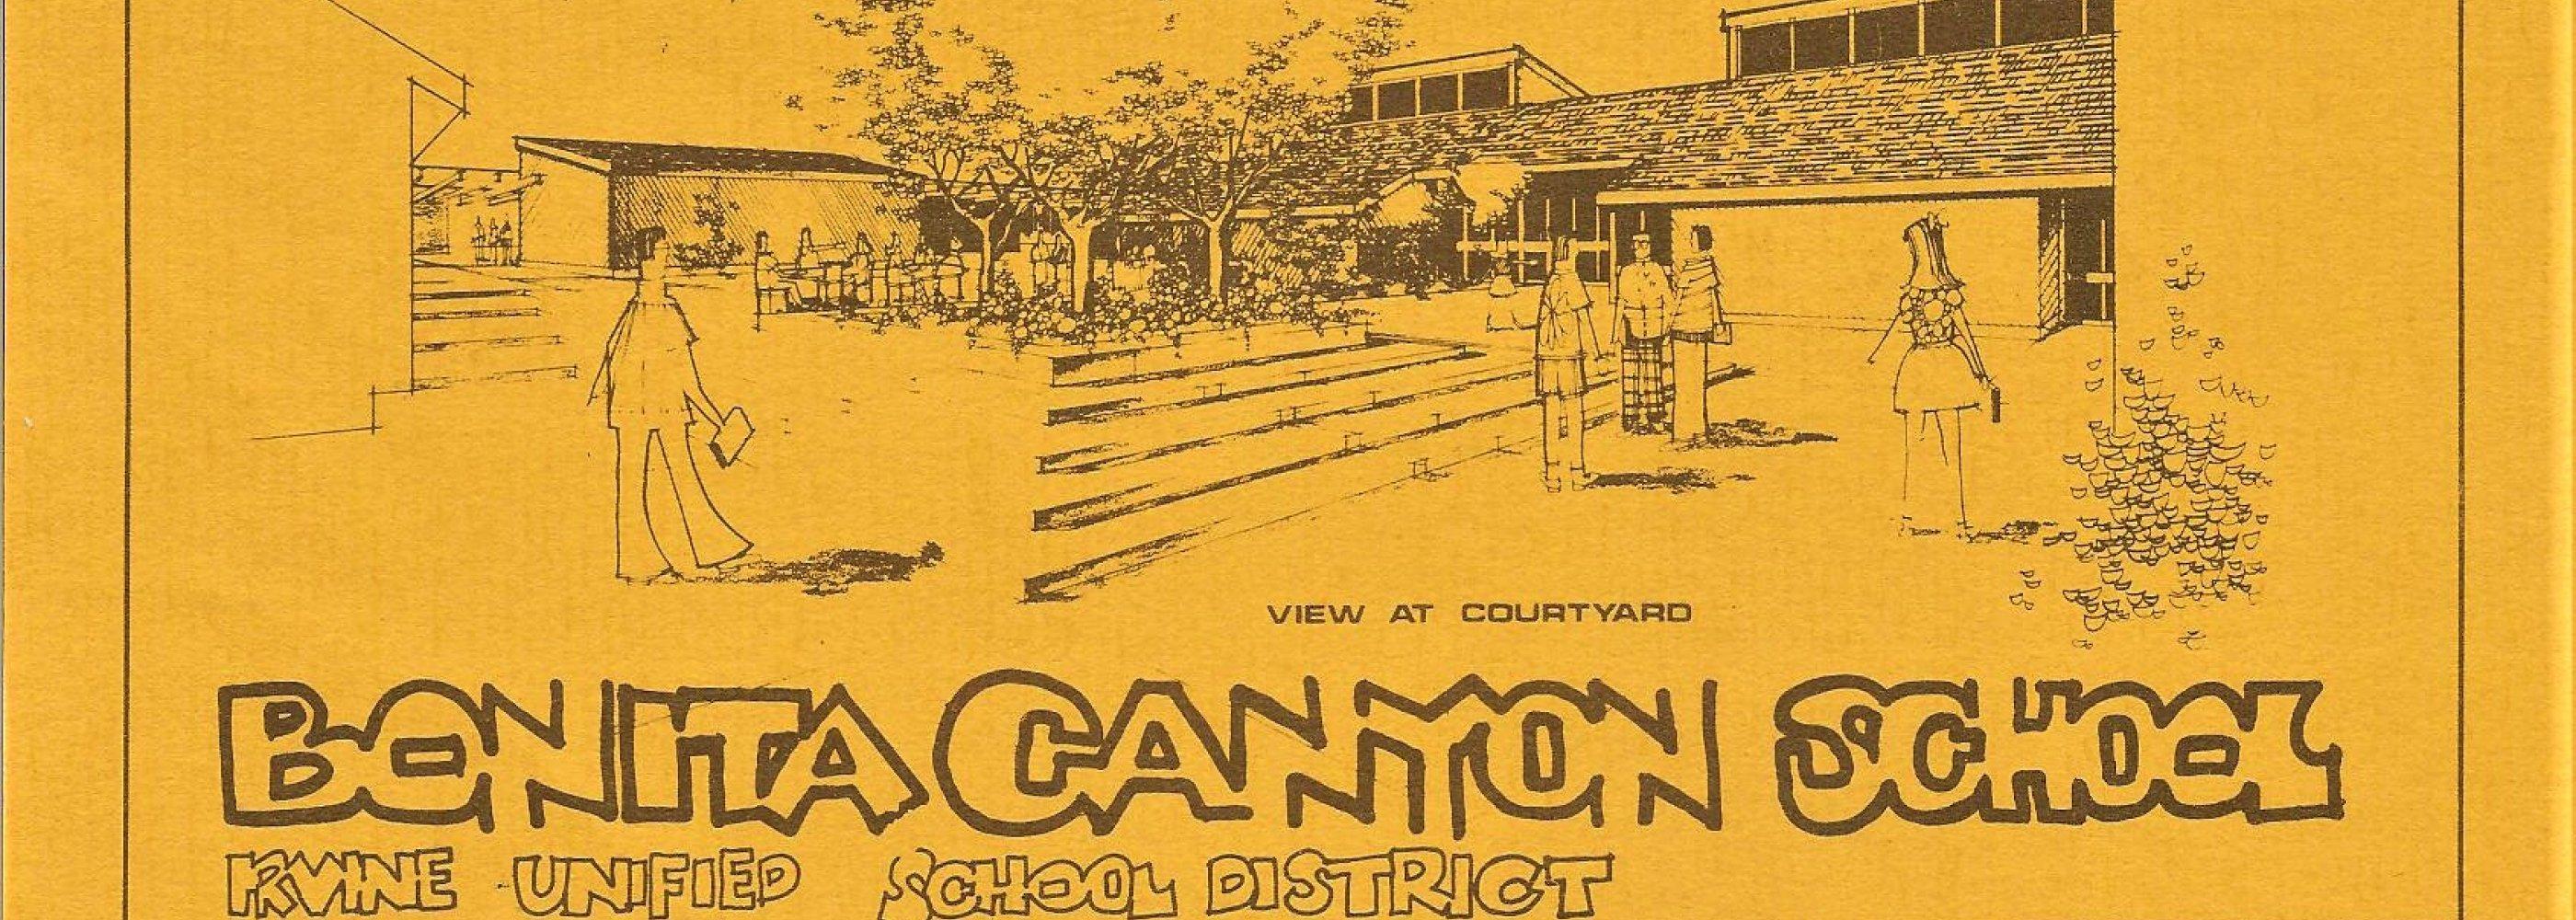 1977 Brochure